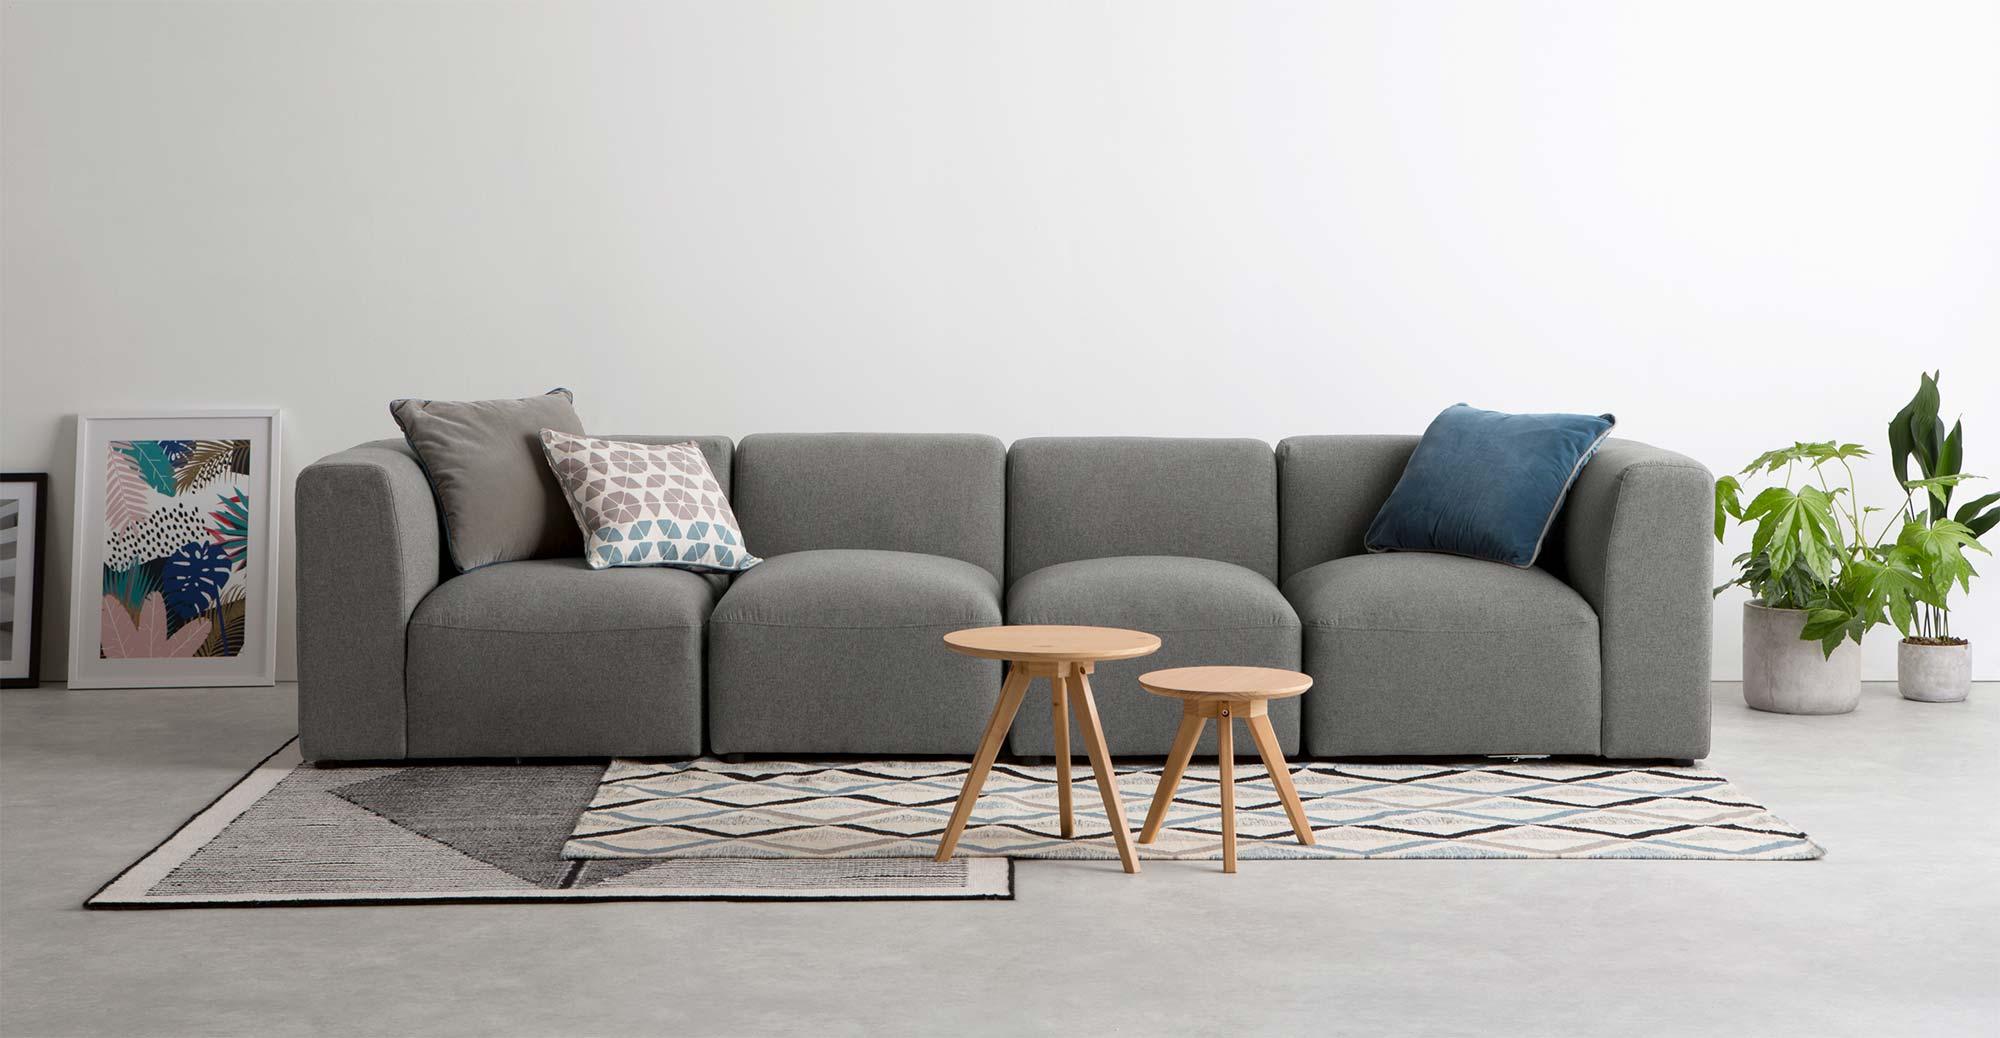 Soldes MADE.COM : 23 bons plans mobilier et déco